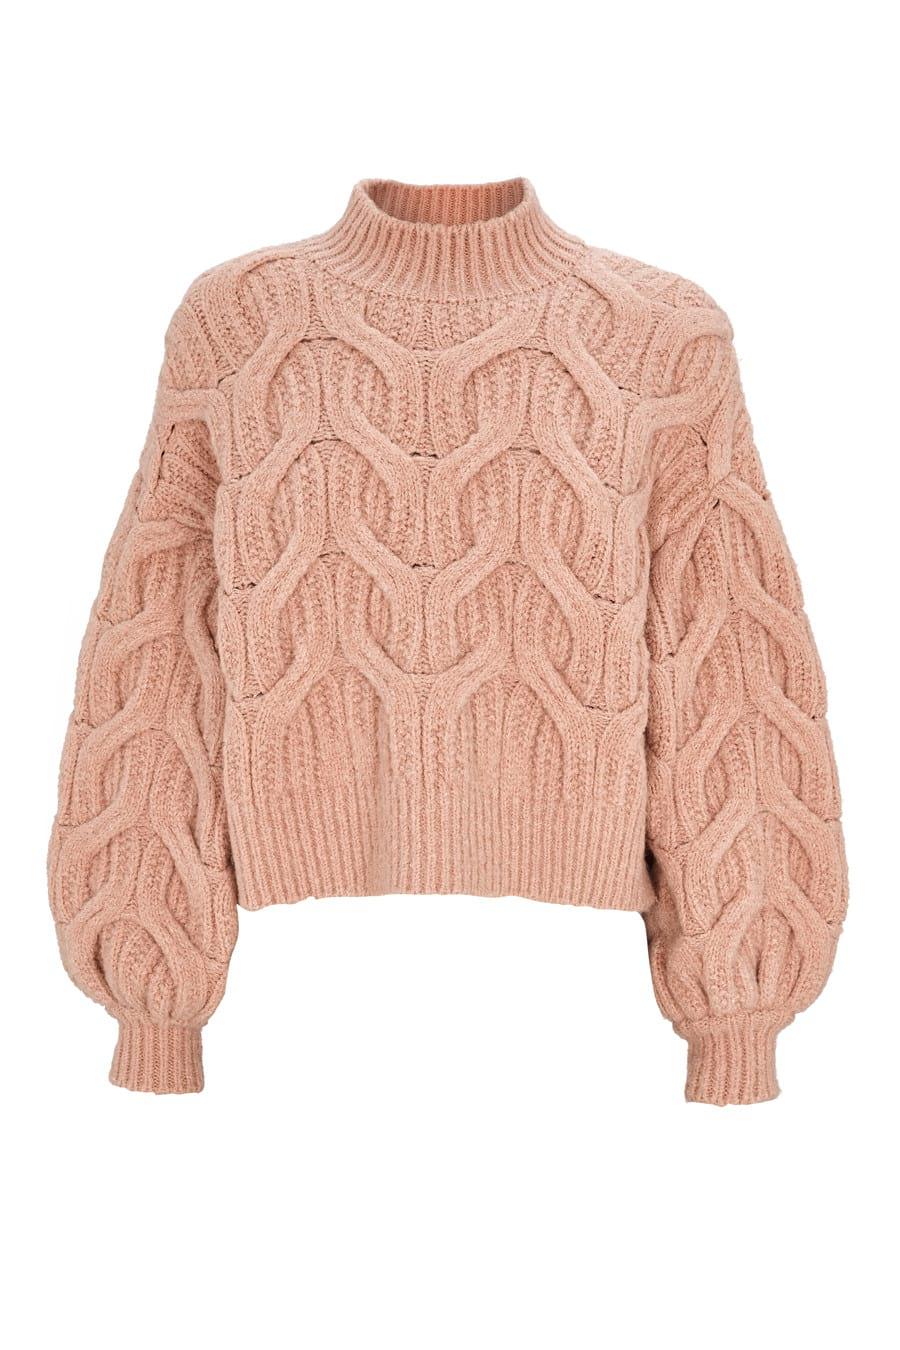 Jersey Pink Knot - Mypeeptoeshop